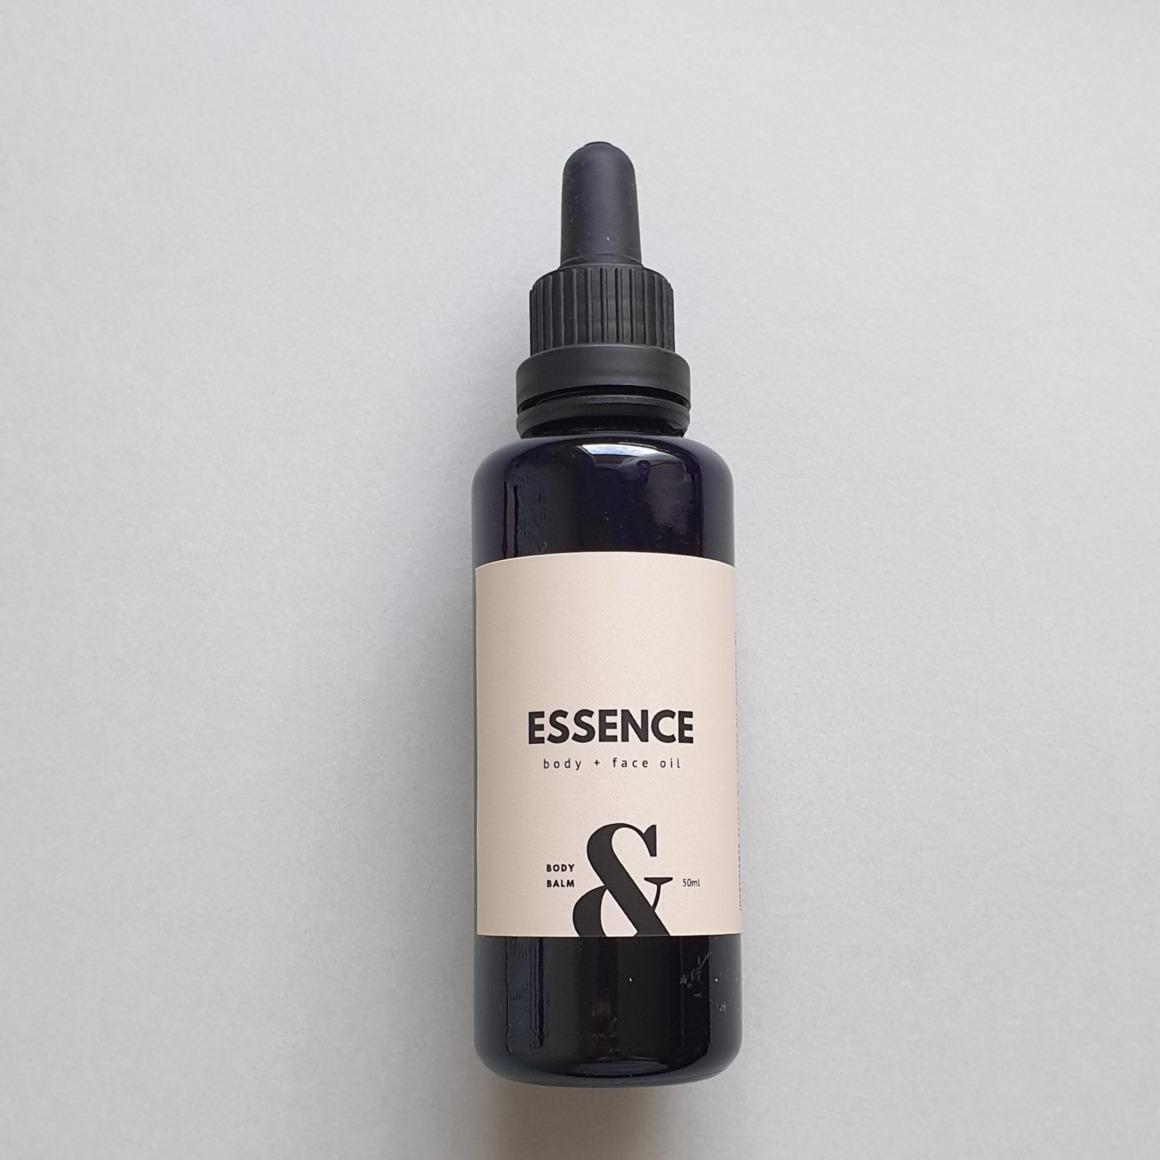 ESSENCE body + face oil | Trada Marketplace